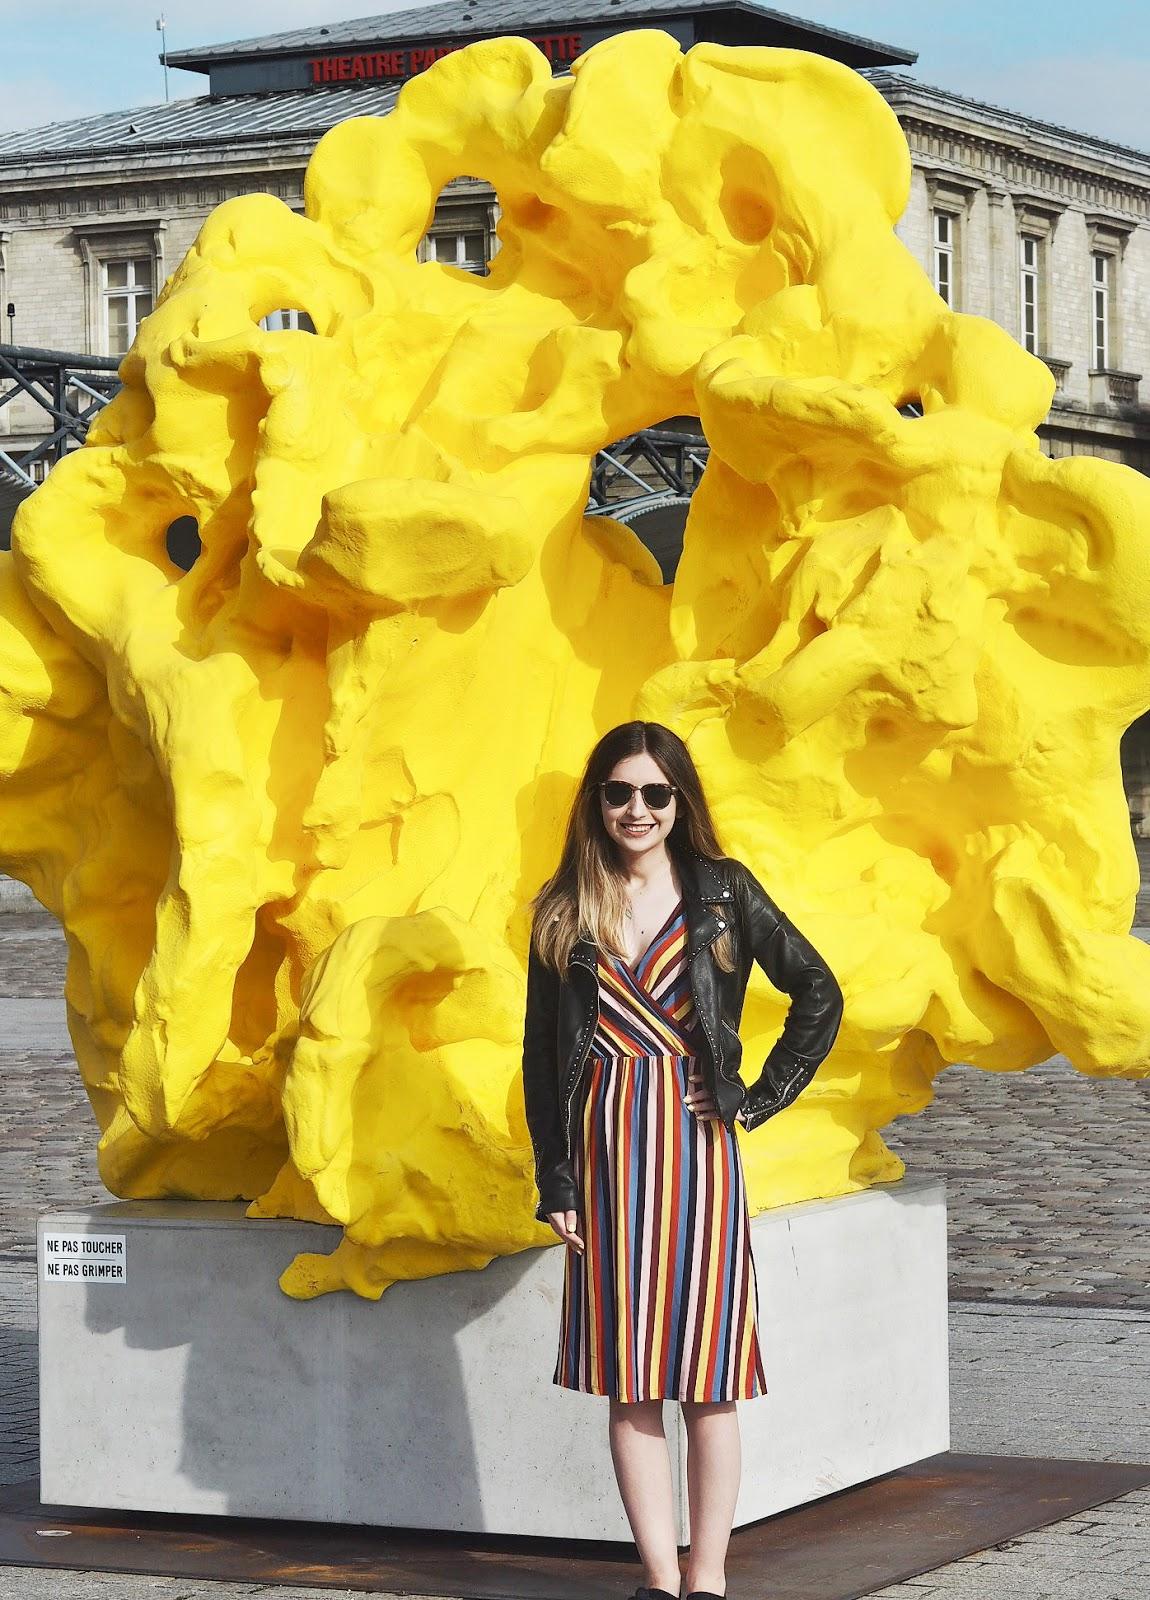 Paris Philharmonie 19th arrondissement - La Villette